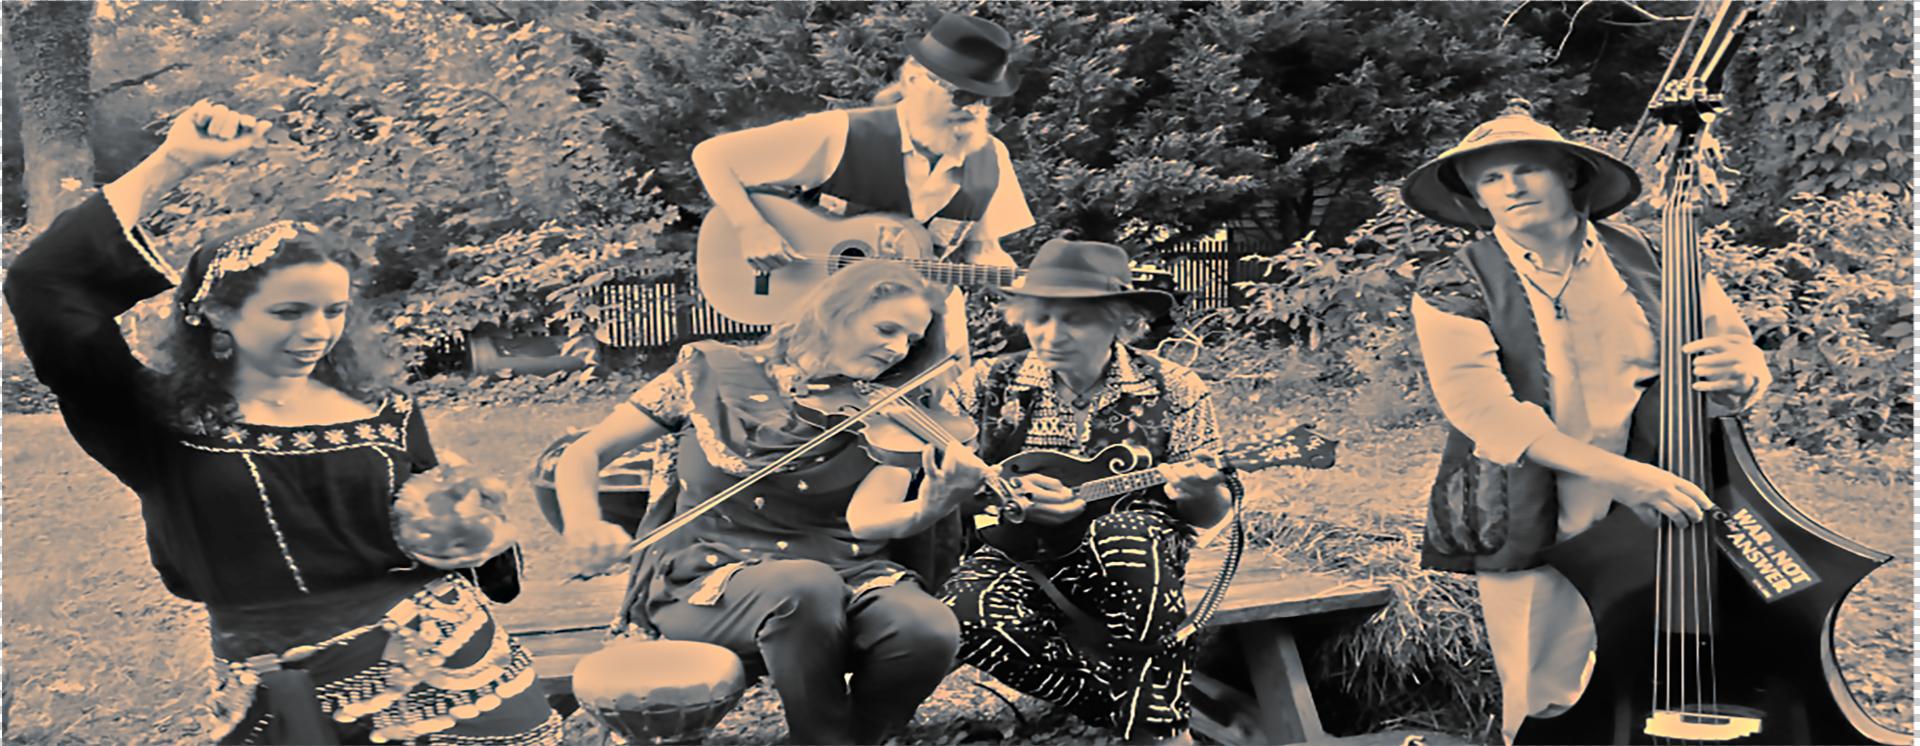 Live Jazz – The Tool Gypsies – Milton Theatre – Friday, Aug. 14, 2015 @ 8 pm